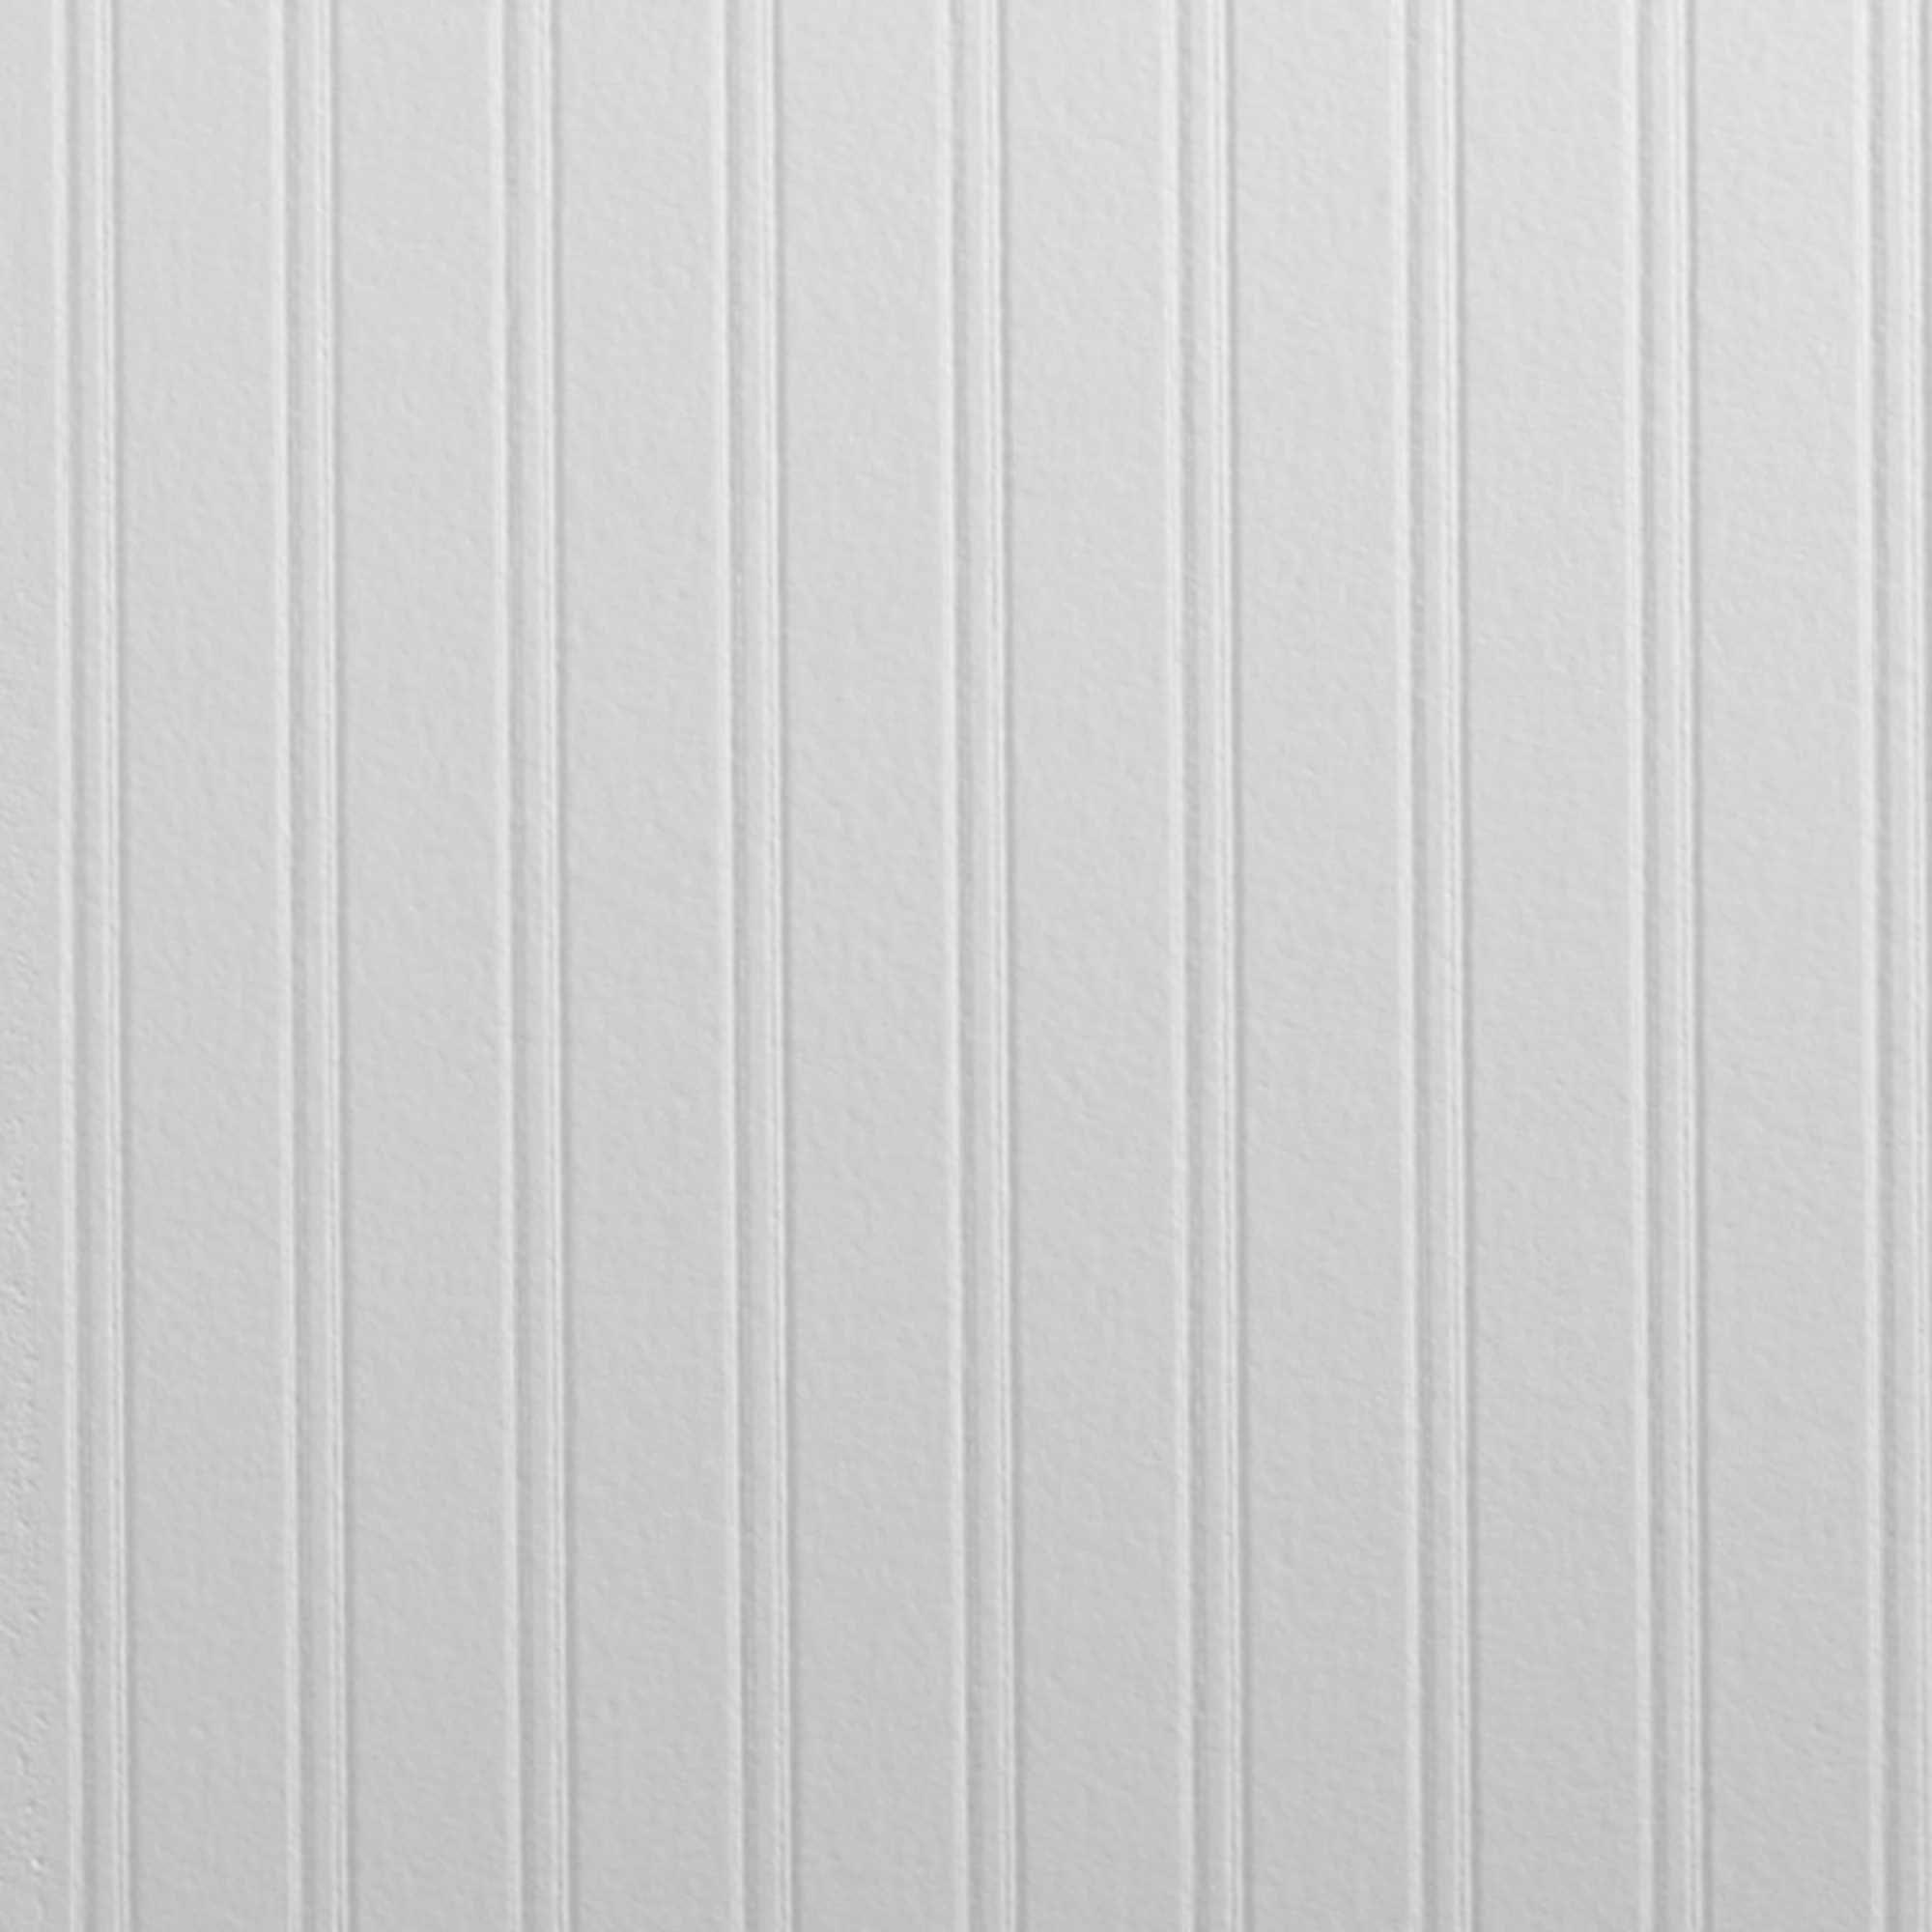 Graham & Brown Beadboard PrePasted Paintable Wallpaper in